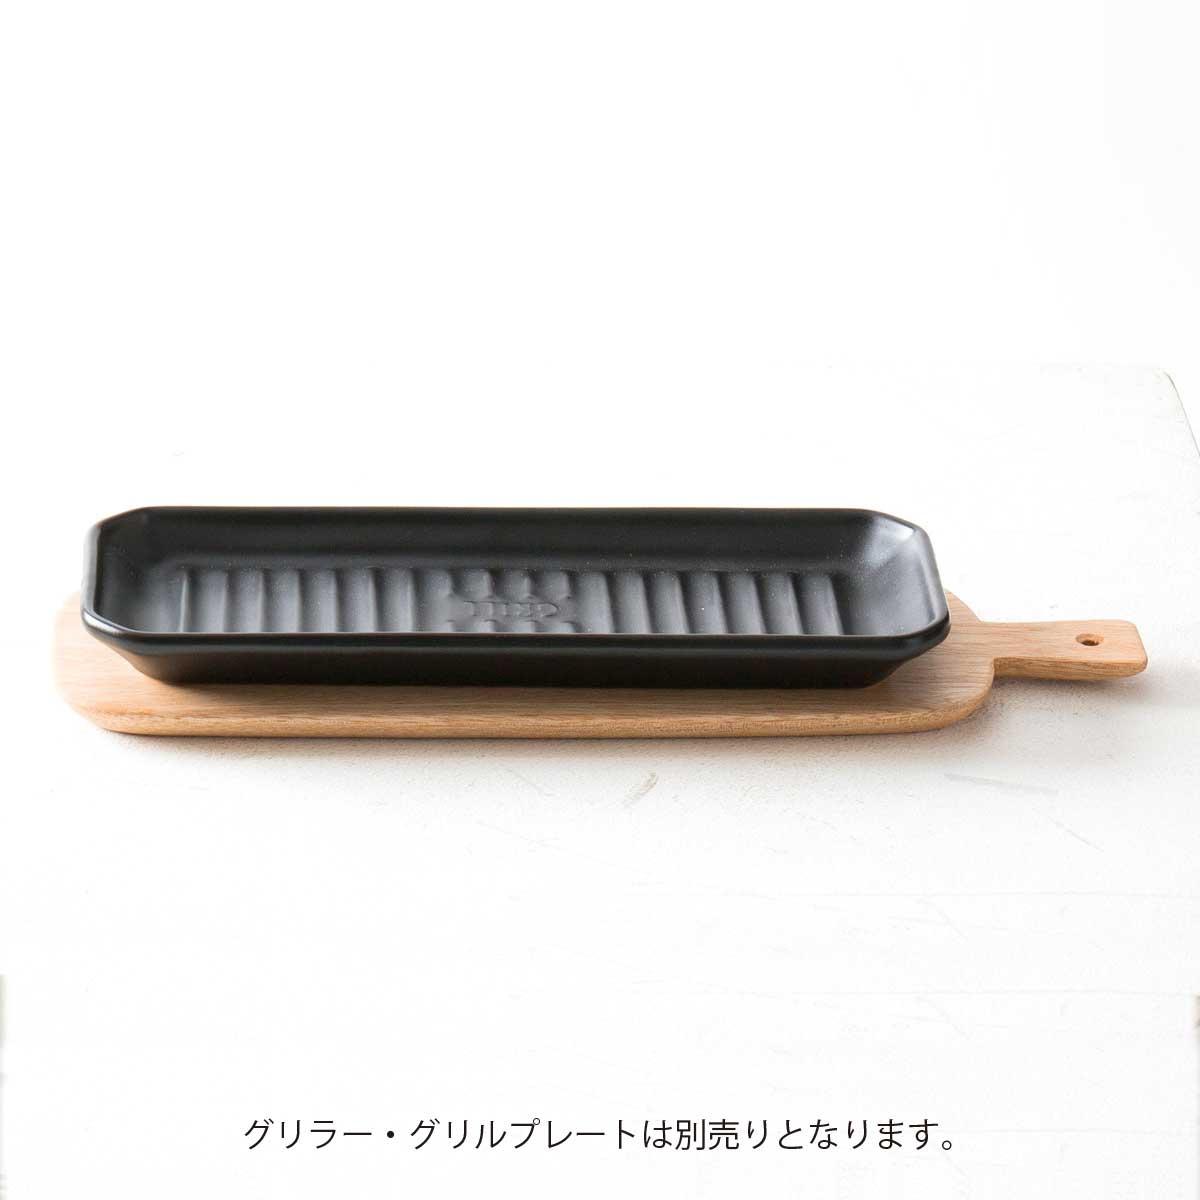 鍋敷き 鍋しき チーズボード ブレッドボード [〈イブキクラフト TOOL-S 〉ウッドボード-M] まな板 木 サラサデザインストア